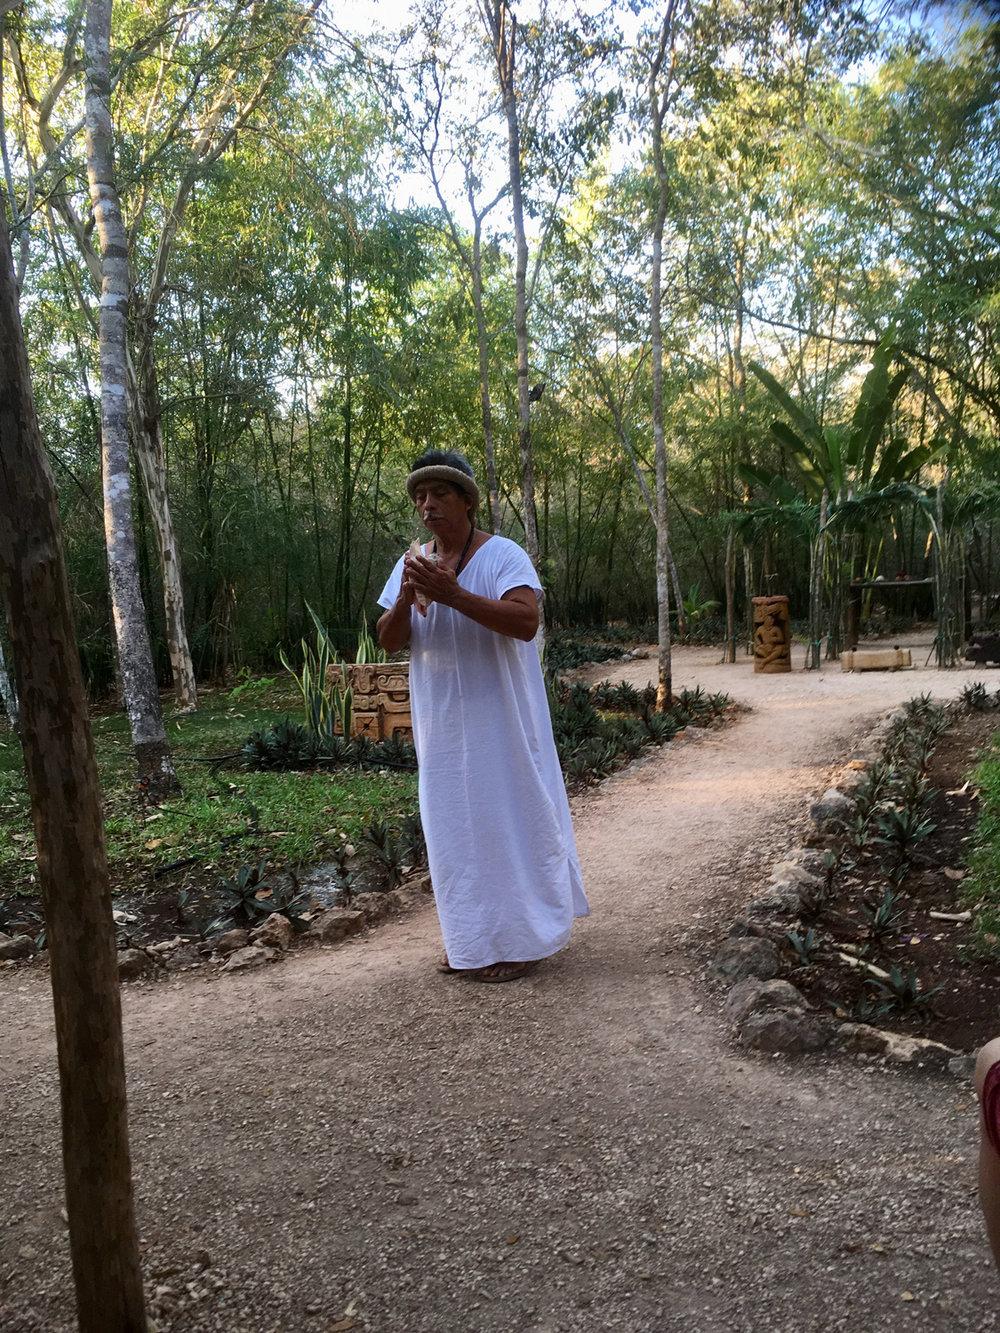 Hammocks_and_Ruins_Riviera_Maya_Mexico_Explore_What_to_Do_Yucatan_Hammocks_Ruins_Choco_story_Uxmal_10.jpg